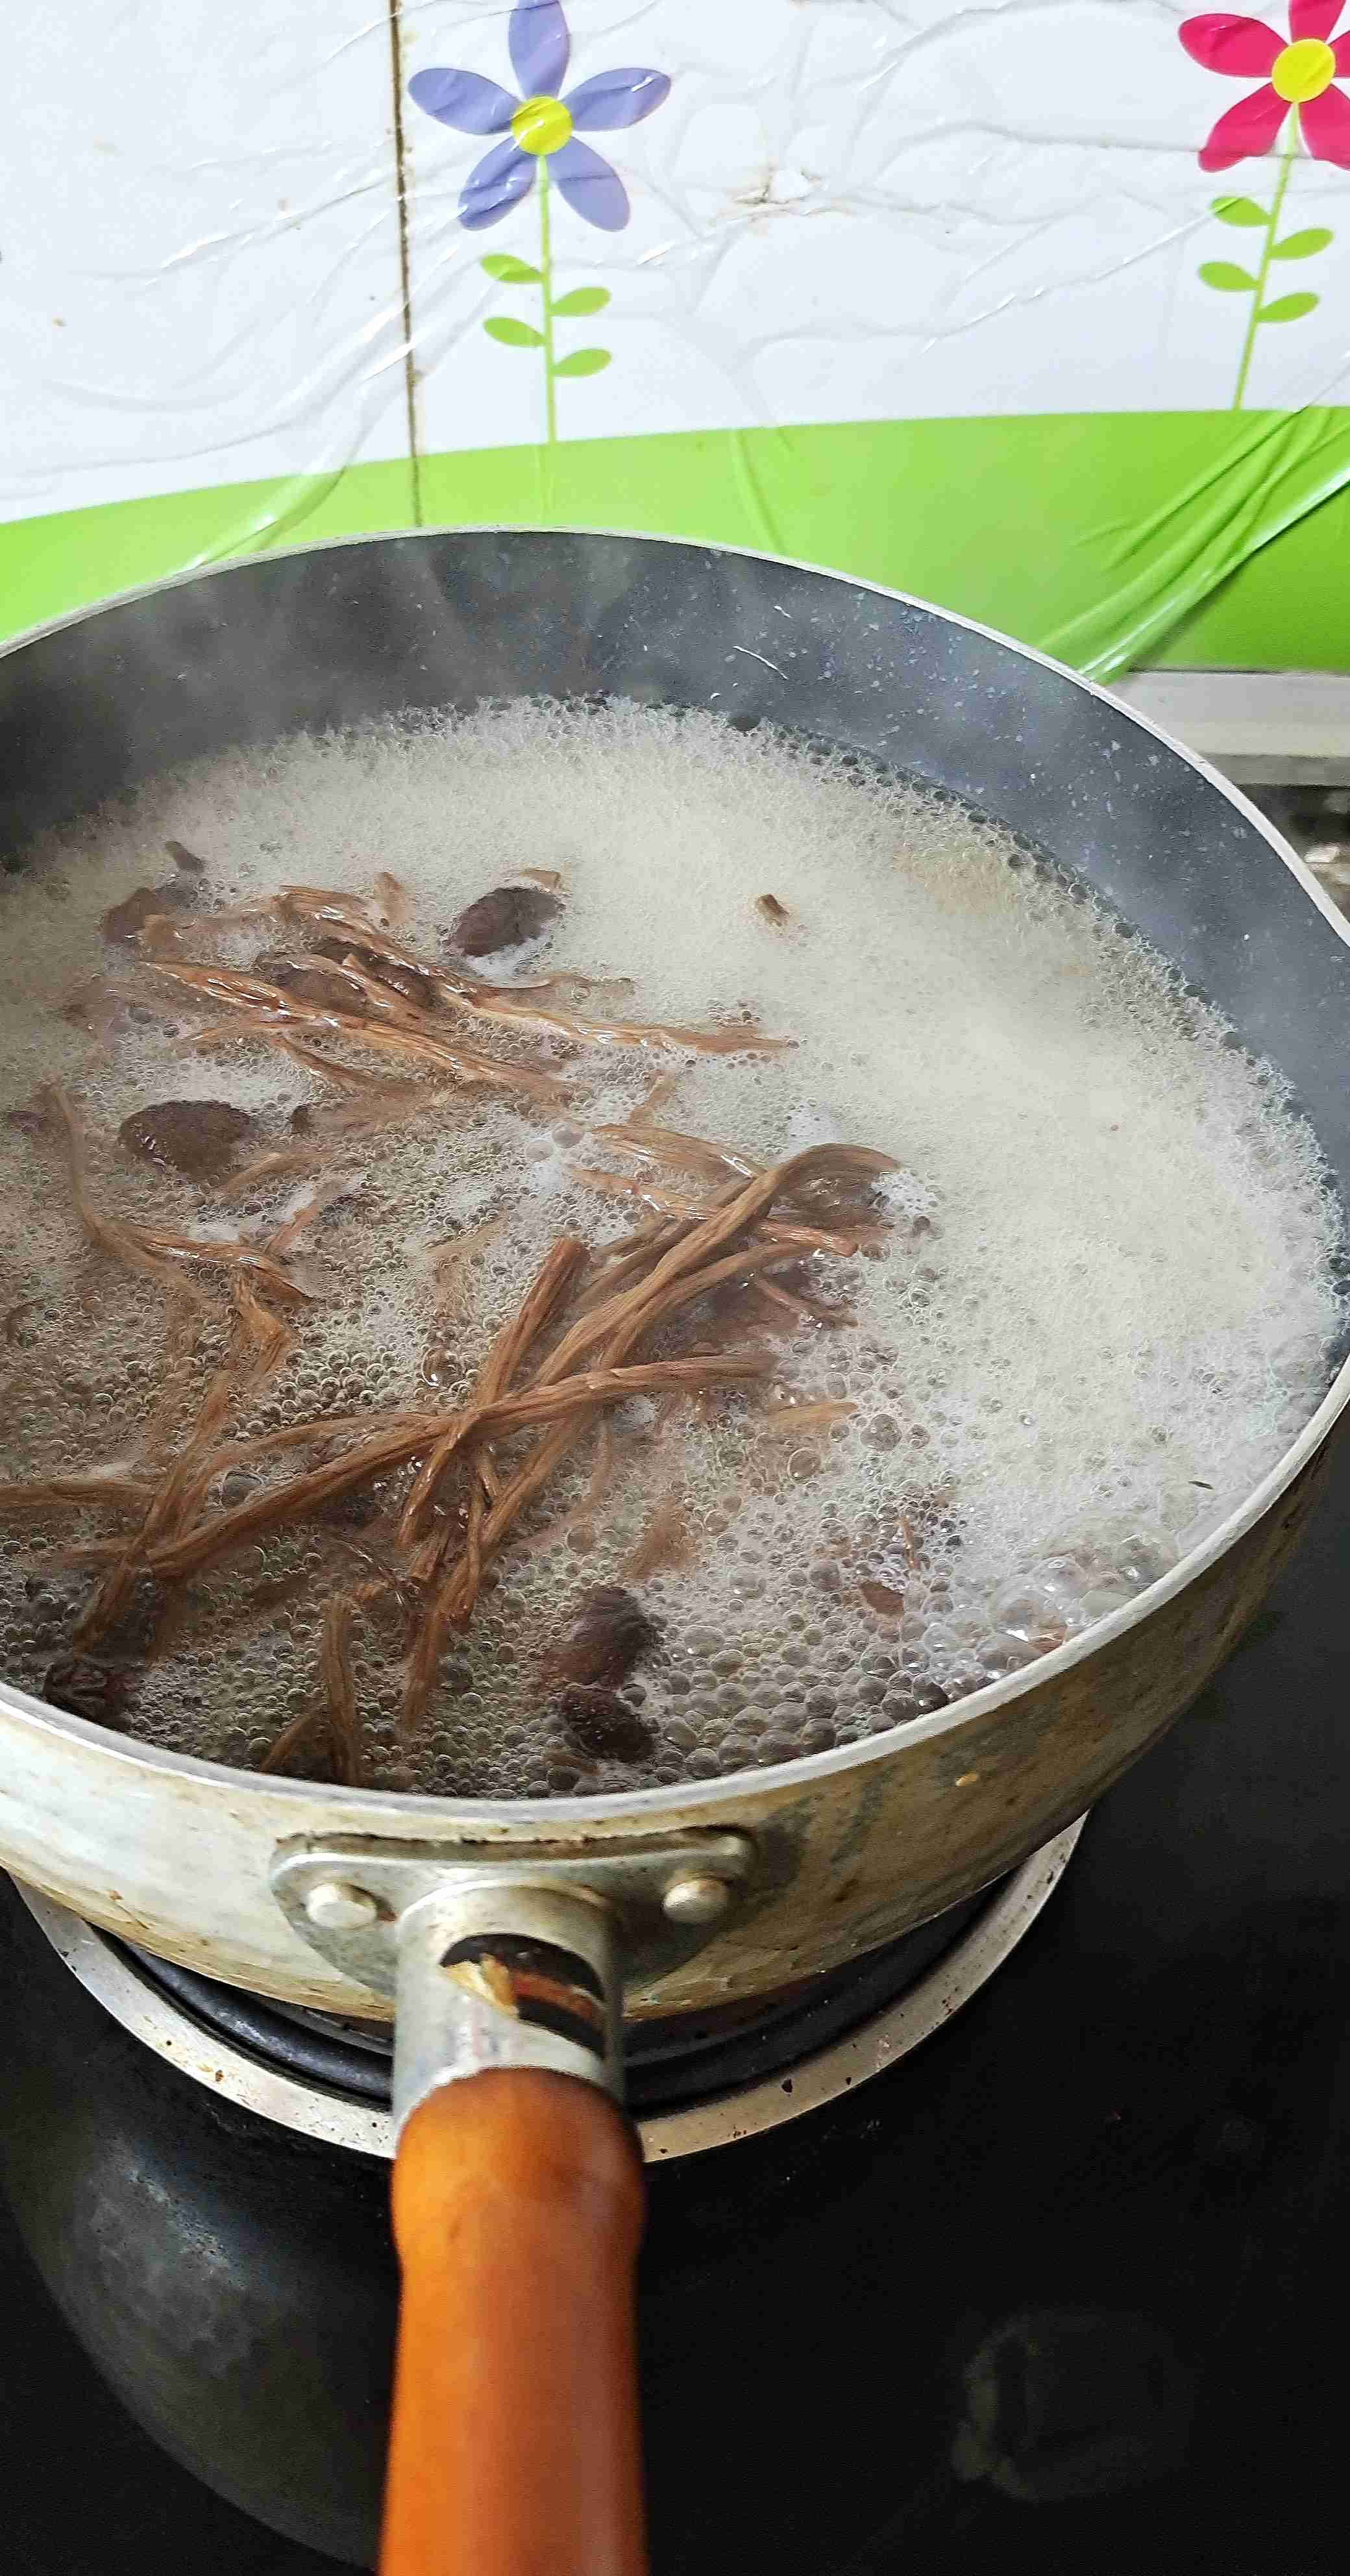 干鲜下饭菜,能下三碗饭~干锅腊肉茶树菇的做法图解